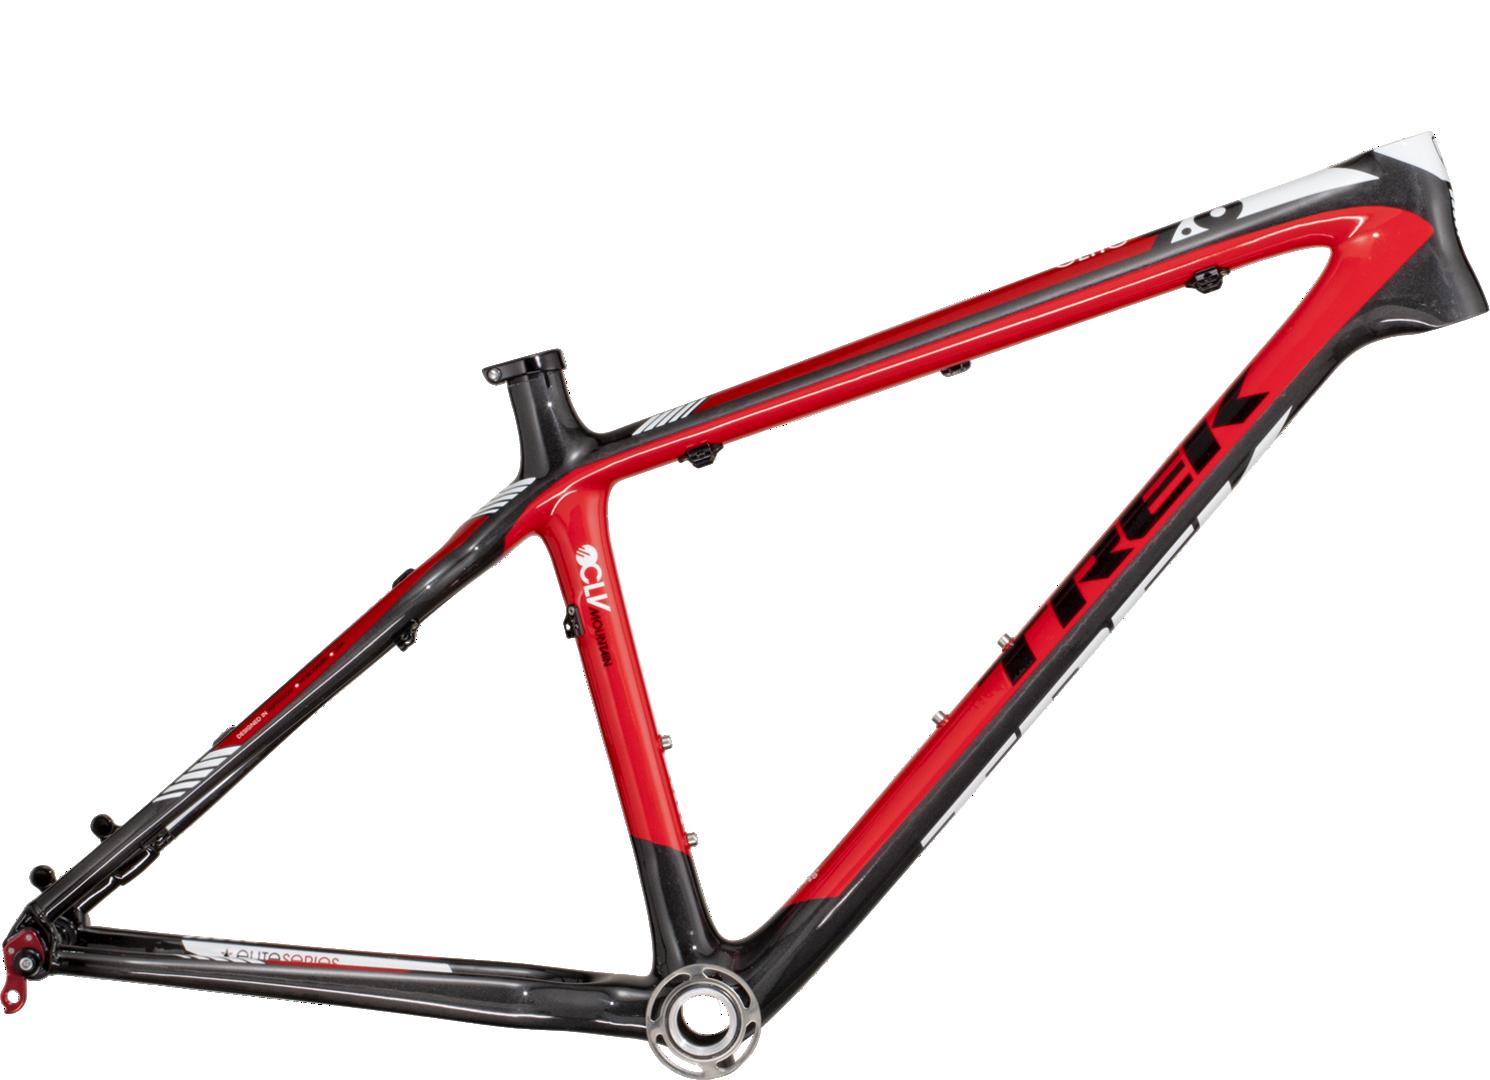 2012 Elite 9.8 Frame - Bike Archive - Trek Bicycle